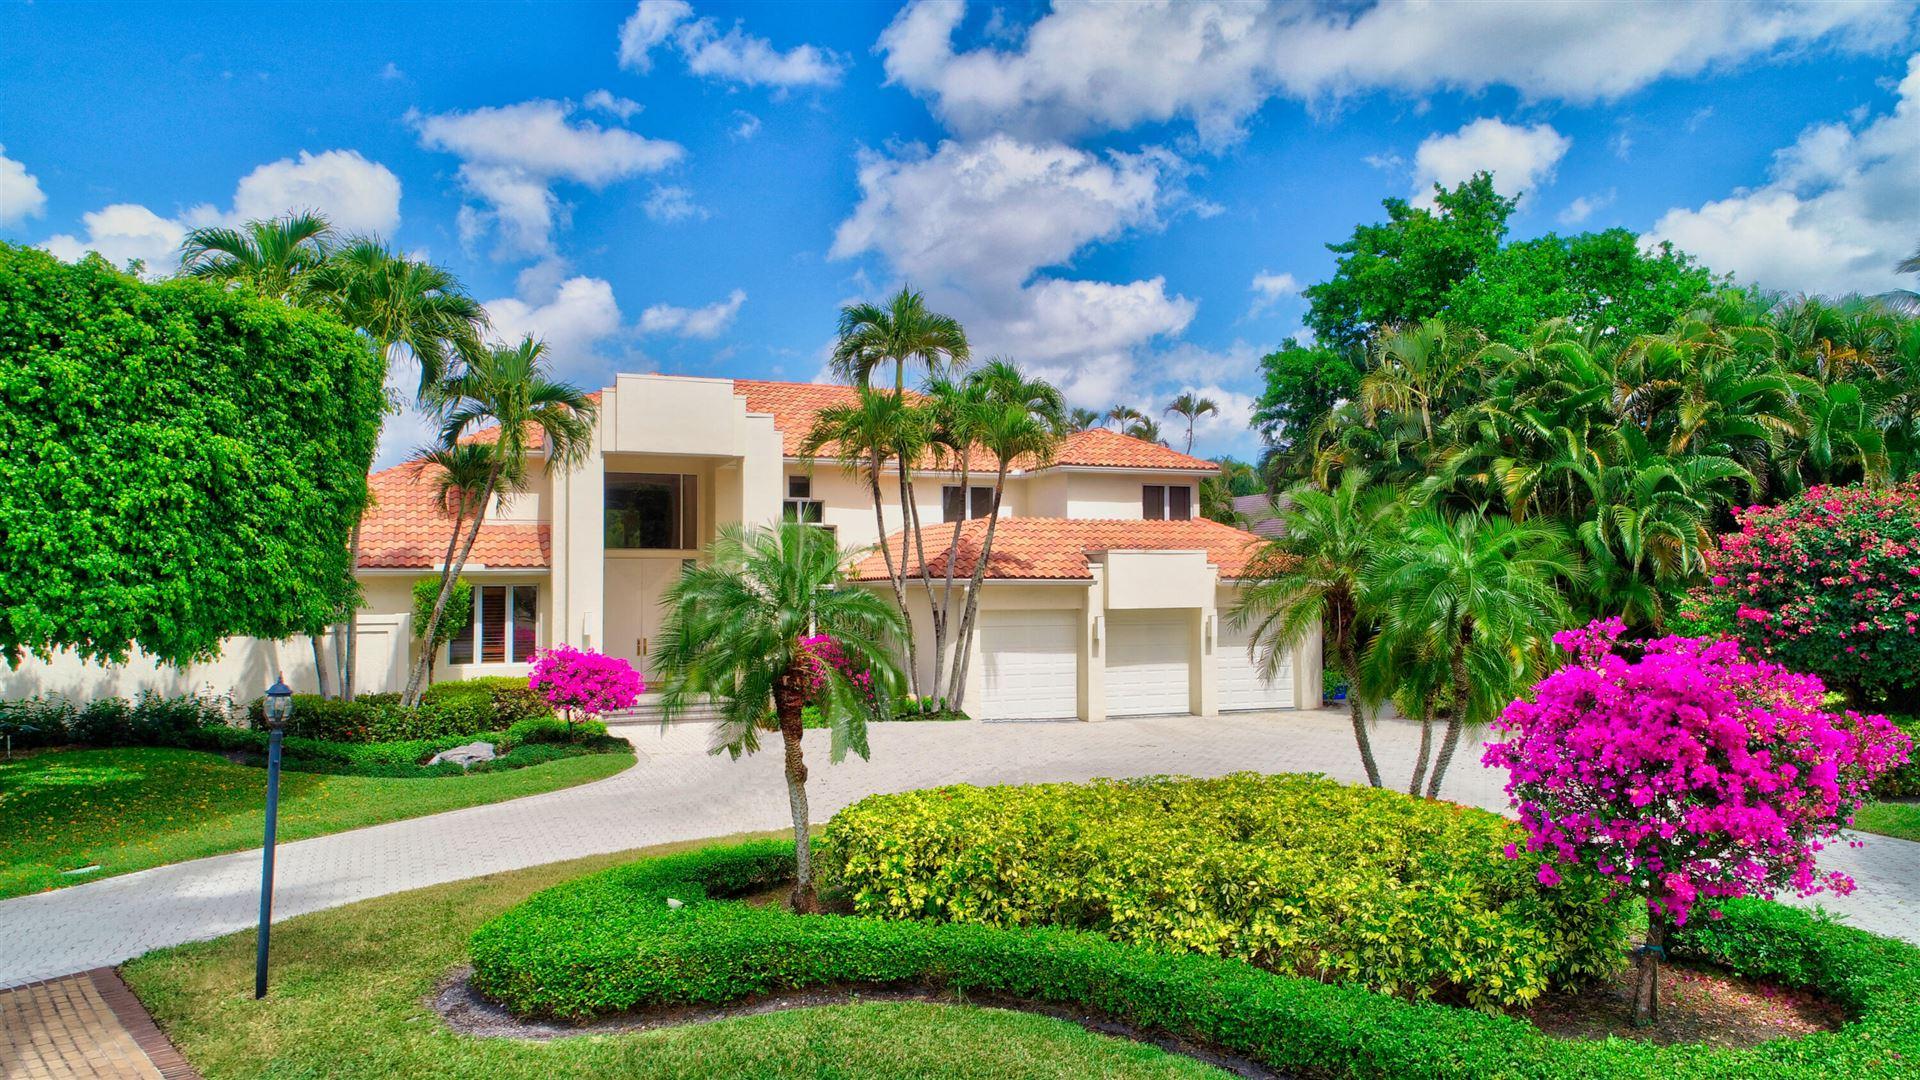 7559 Fairmont Court, Boca Raton, FL 33496 - #: RX-10707538